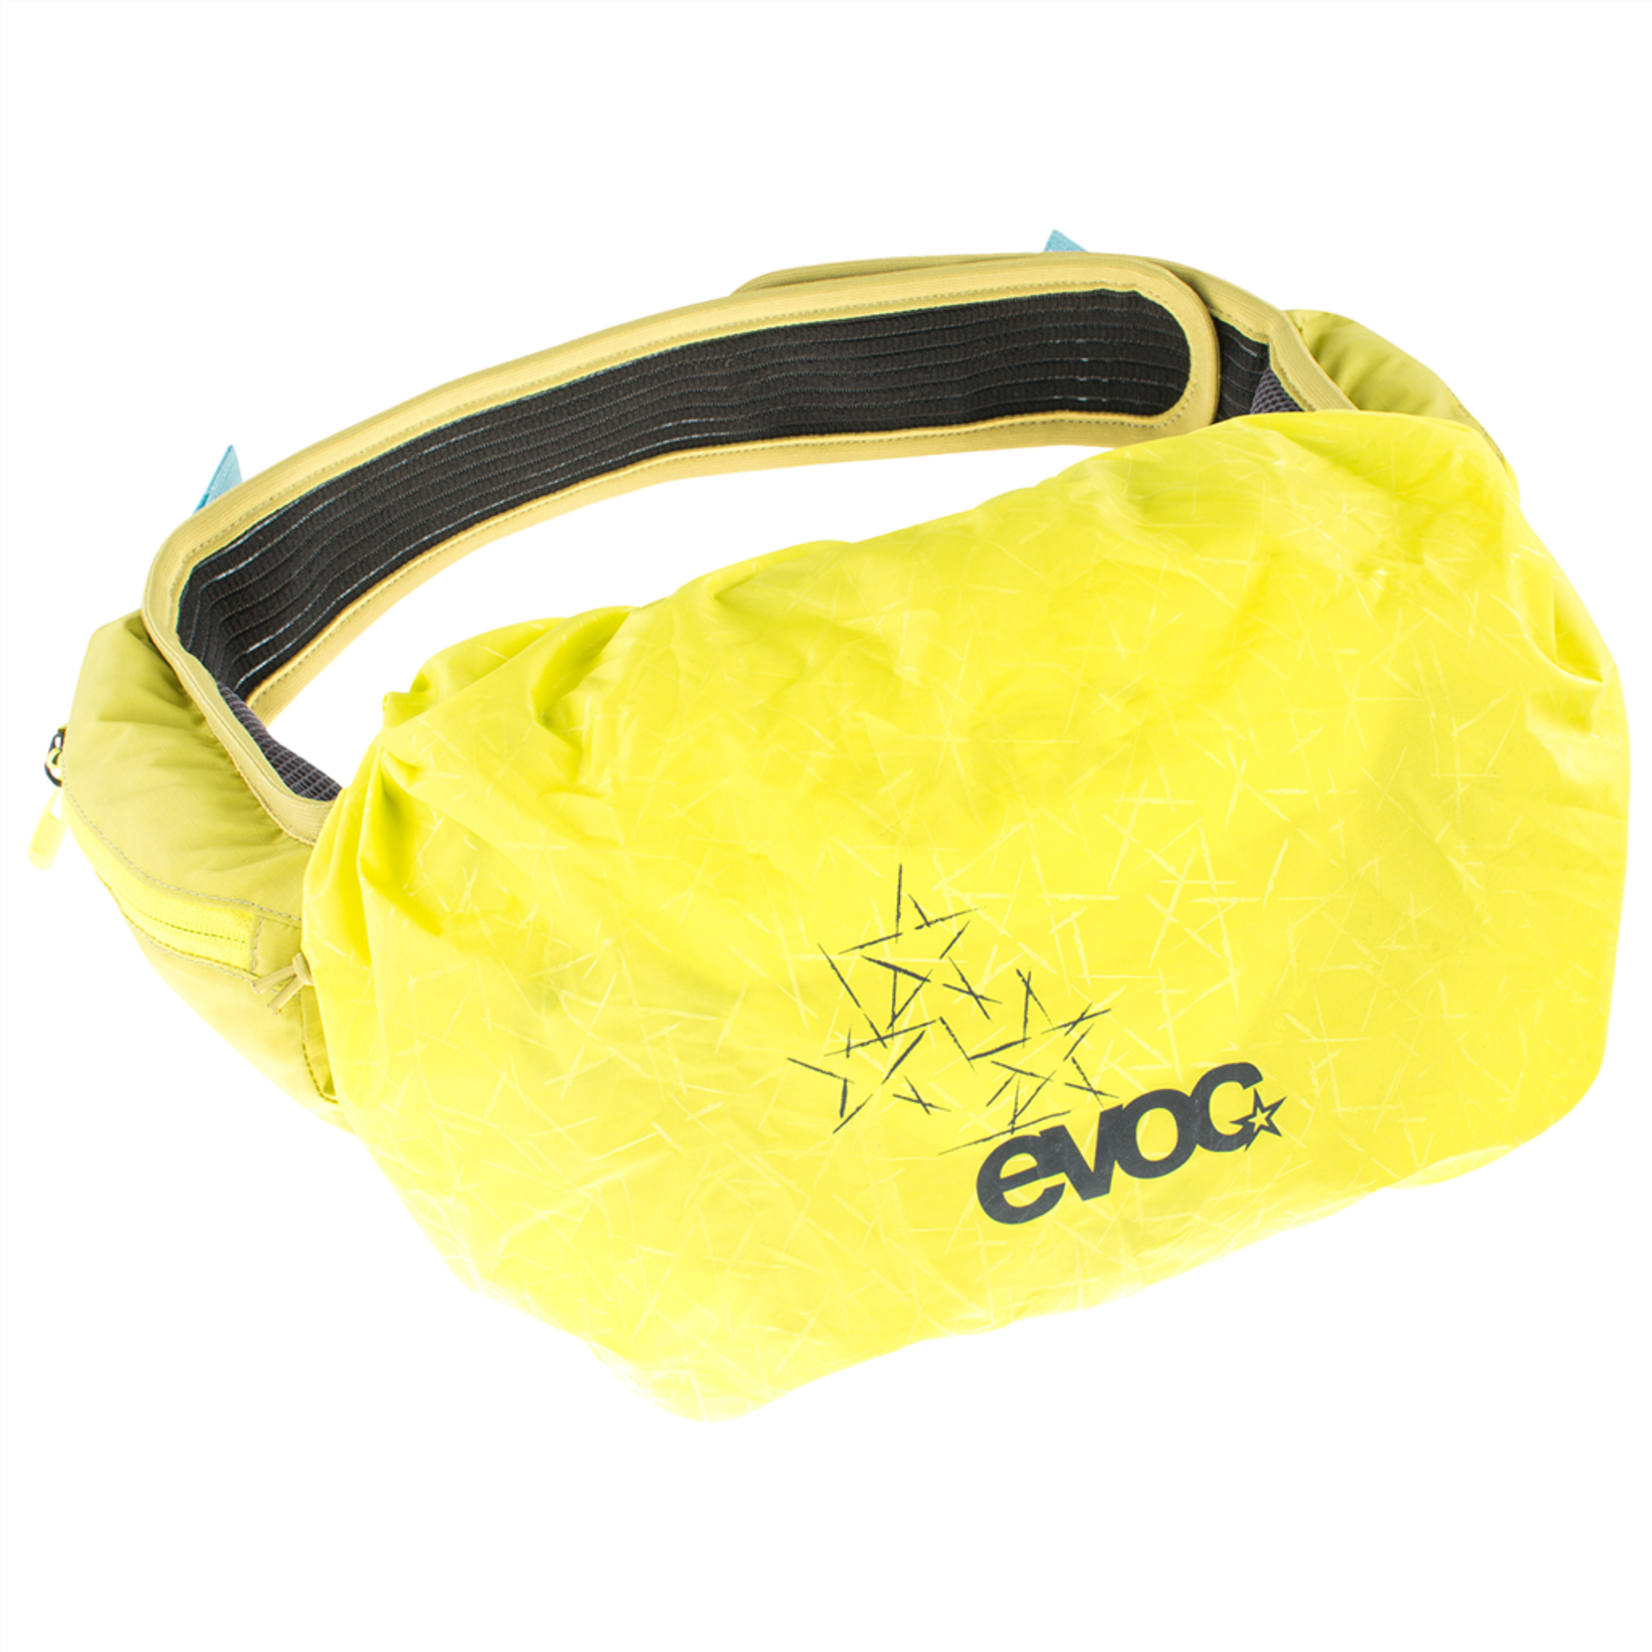 EVOC EVOC Raincover Sleeve Hip Pack 3-7L - sulphur